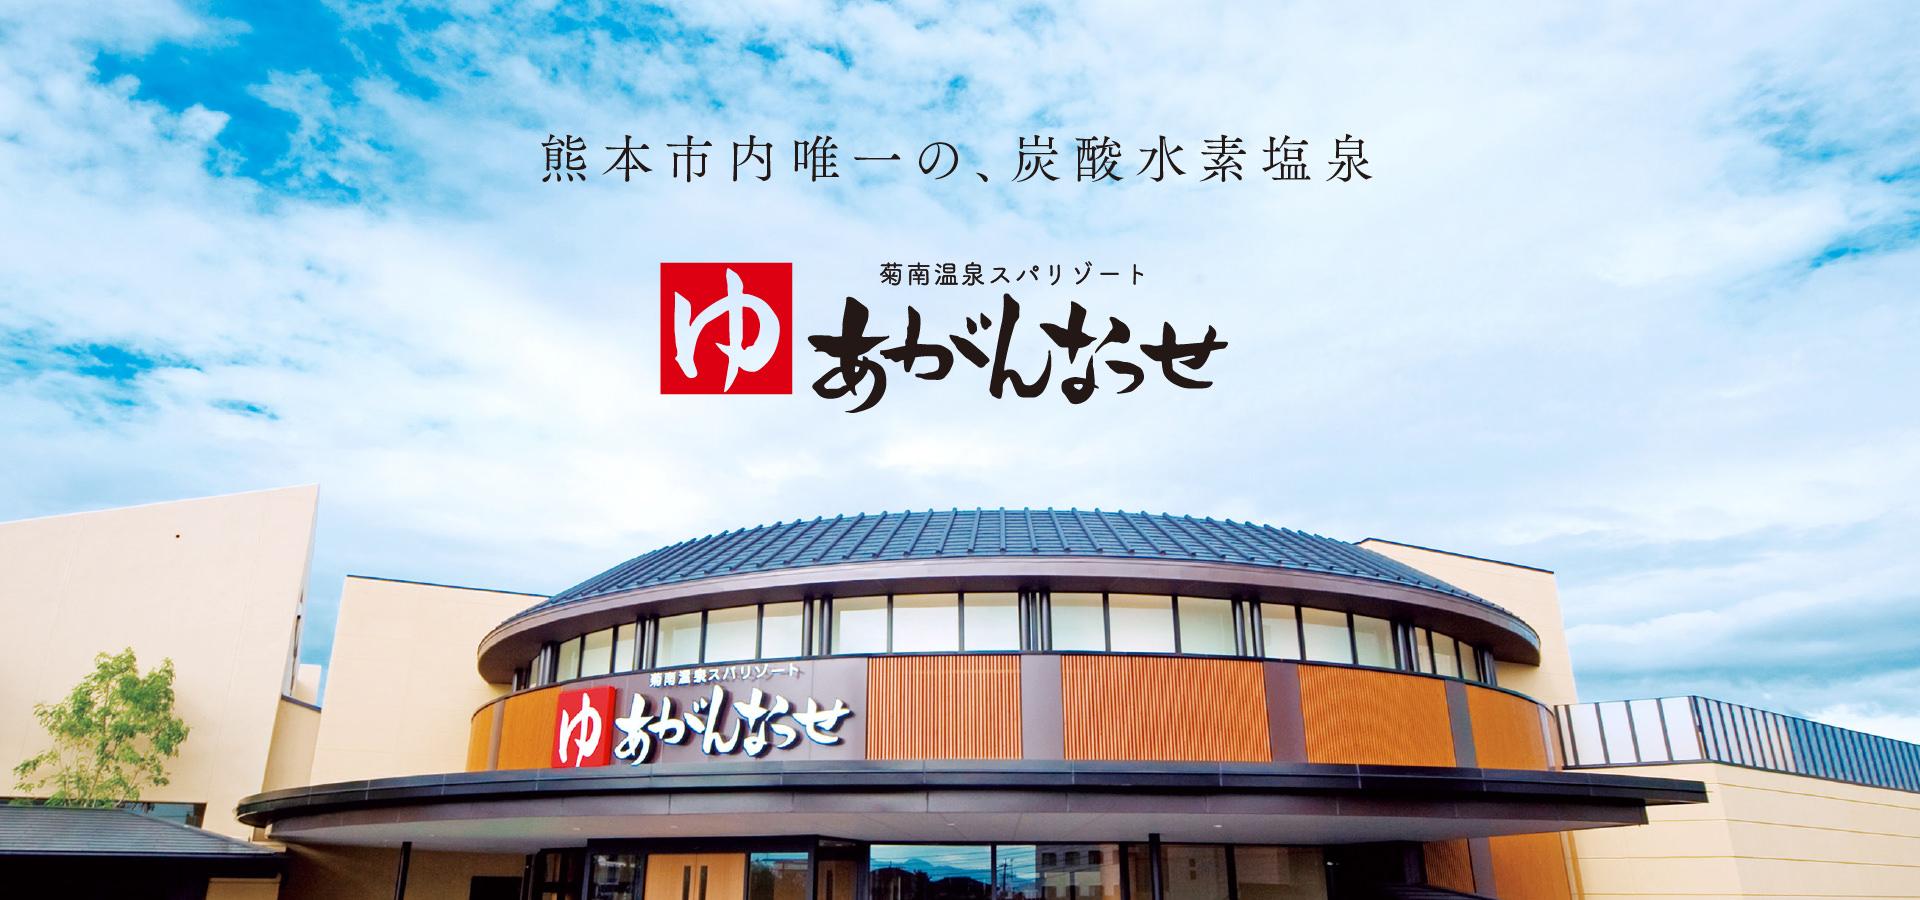 熊本市内唯一の、炭酸水素塩泉「あがんなっせ」